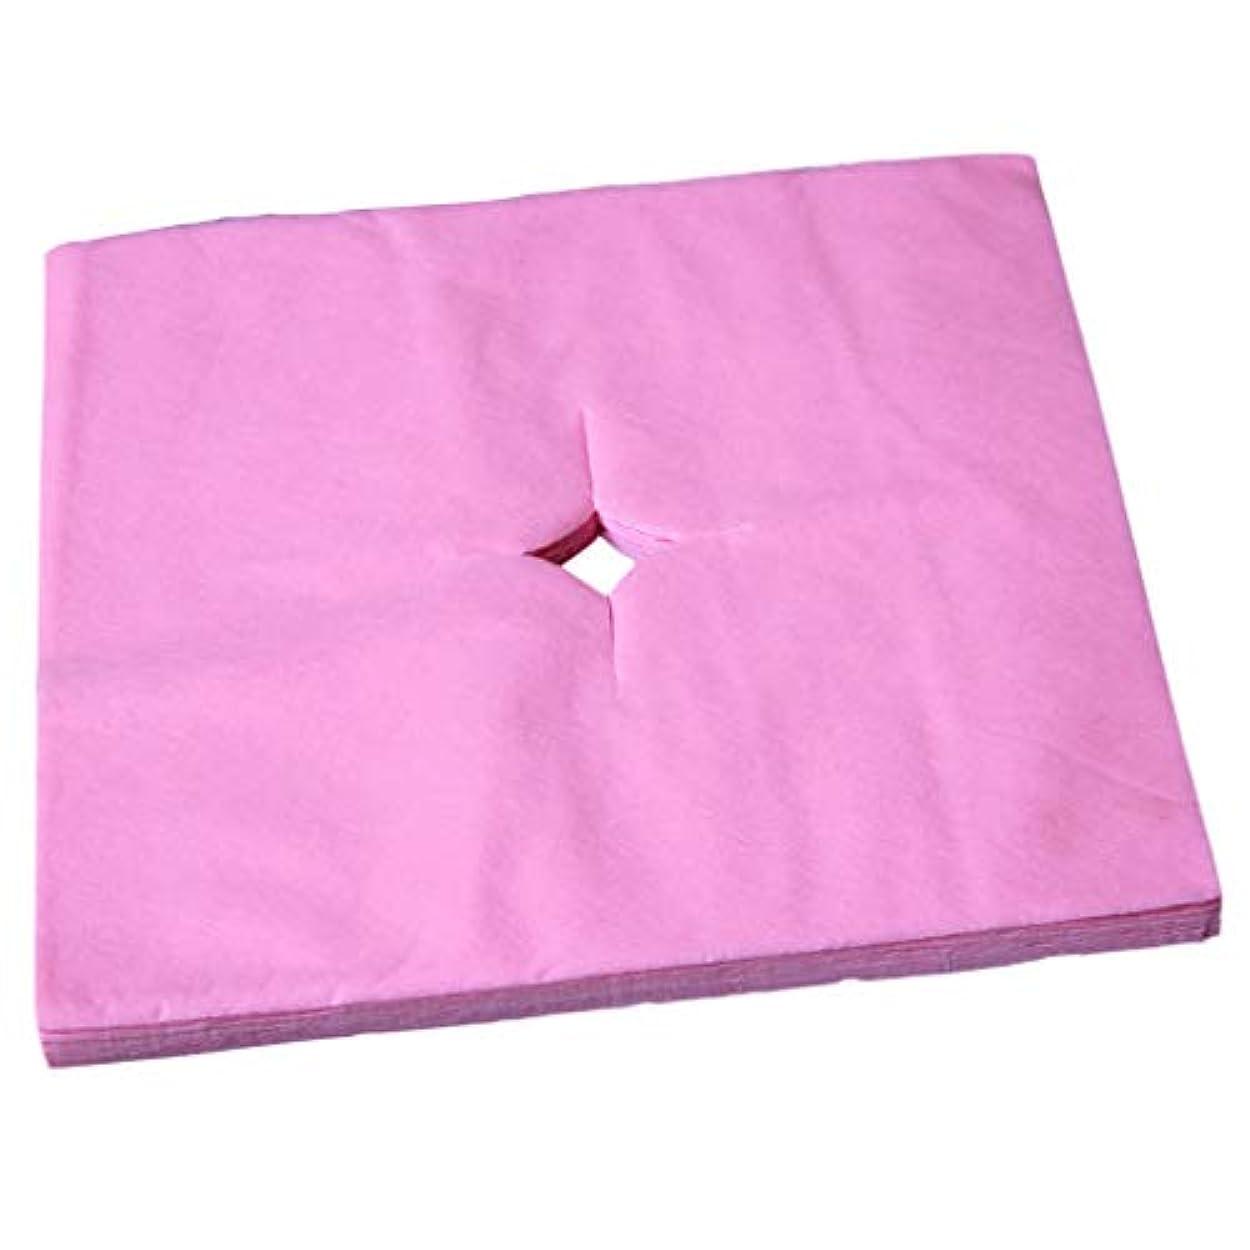 ディスコ目指す内部sharprepublic フェイスクレードルカバー マッサージフェイスカバー マッサージサロン 使い捨て 寝具カバー 全3色 - ピンク